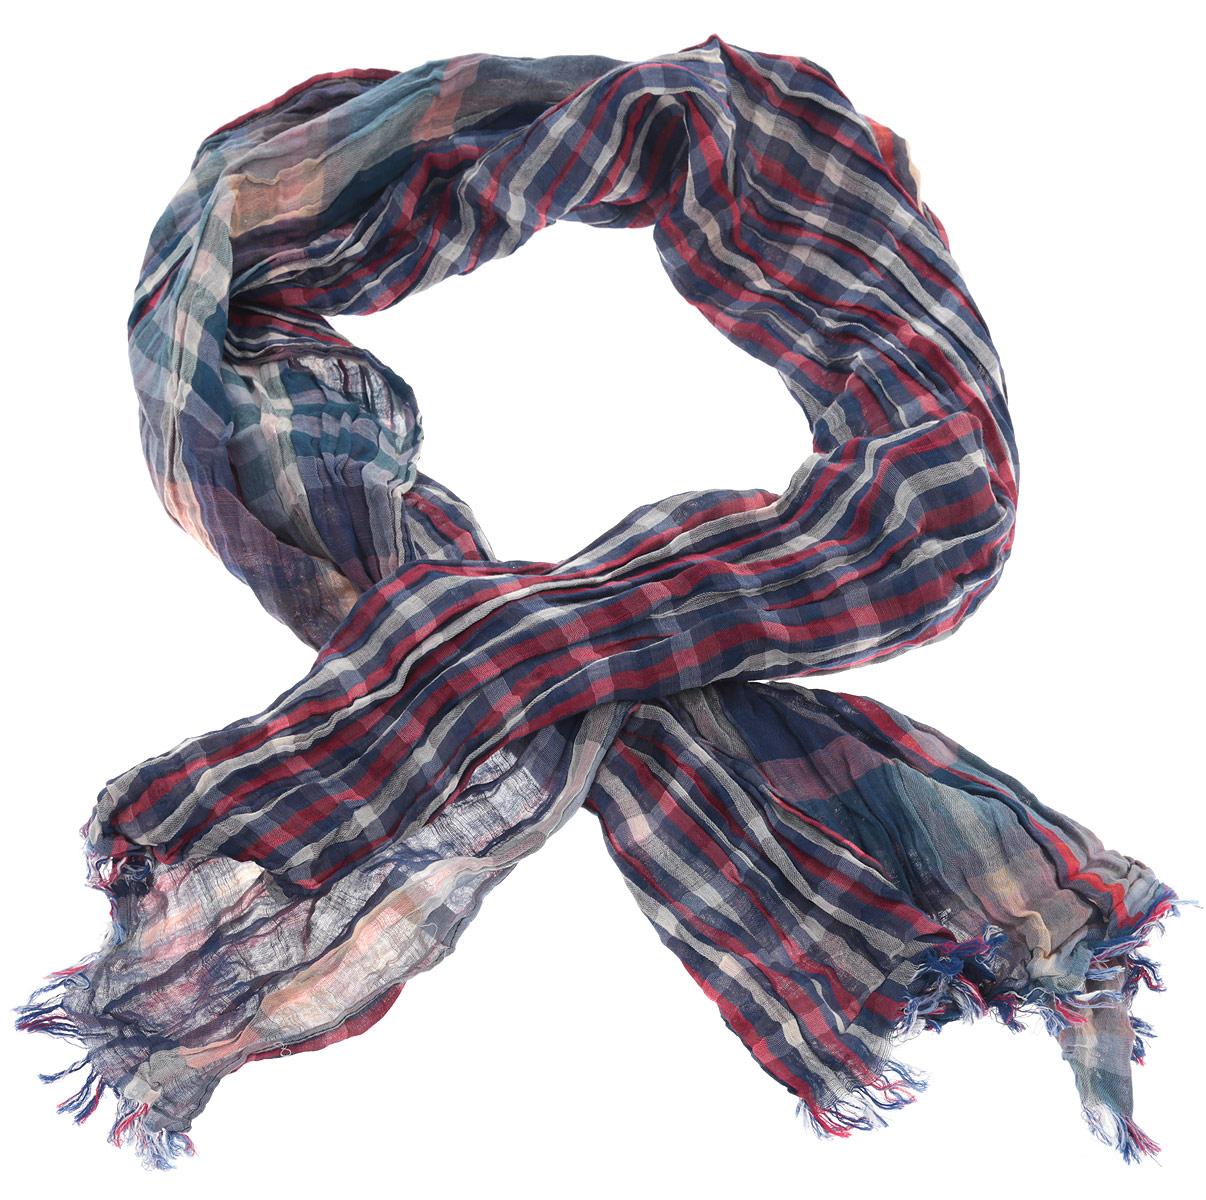 ПалантинCT20013LB-01blueОригинальный и стильный шарф выполнен из 100% хлопка и украшен актуальным принтом в клетку тартан. Модель дополнена металлическим элементом с логотипом бренда. Великолепный мужской шарф Laura Biagiotti сочетает в себе вечную классику и современные тренды.